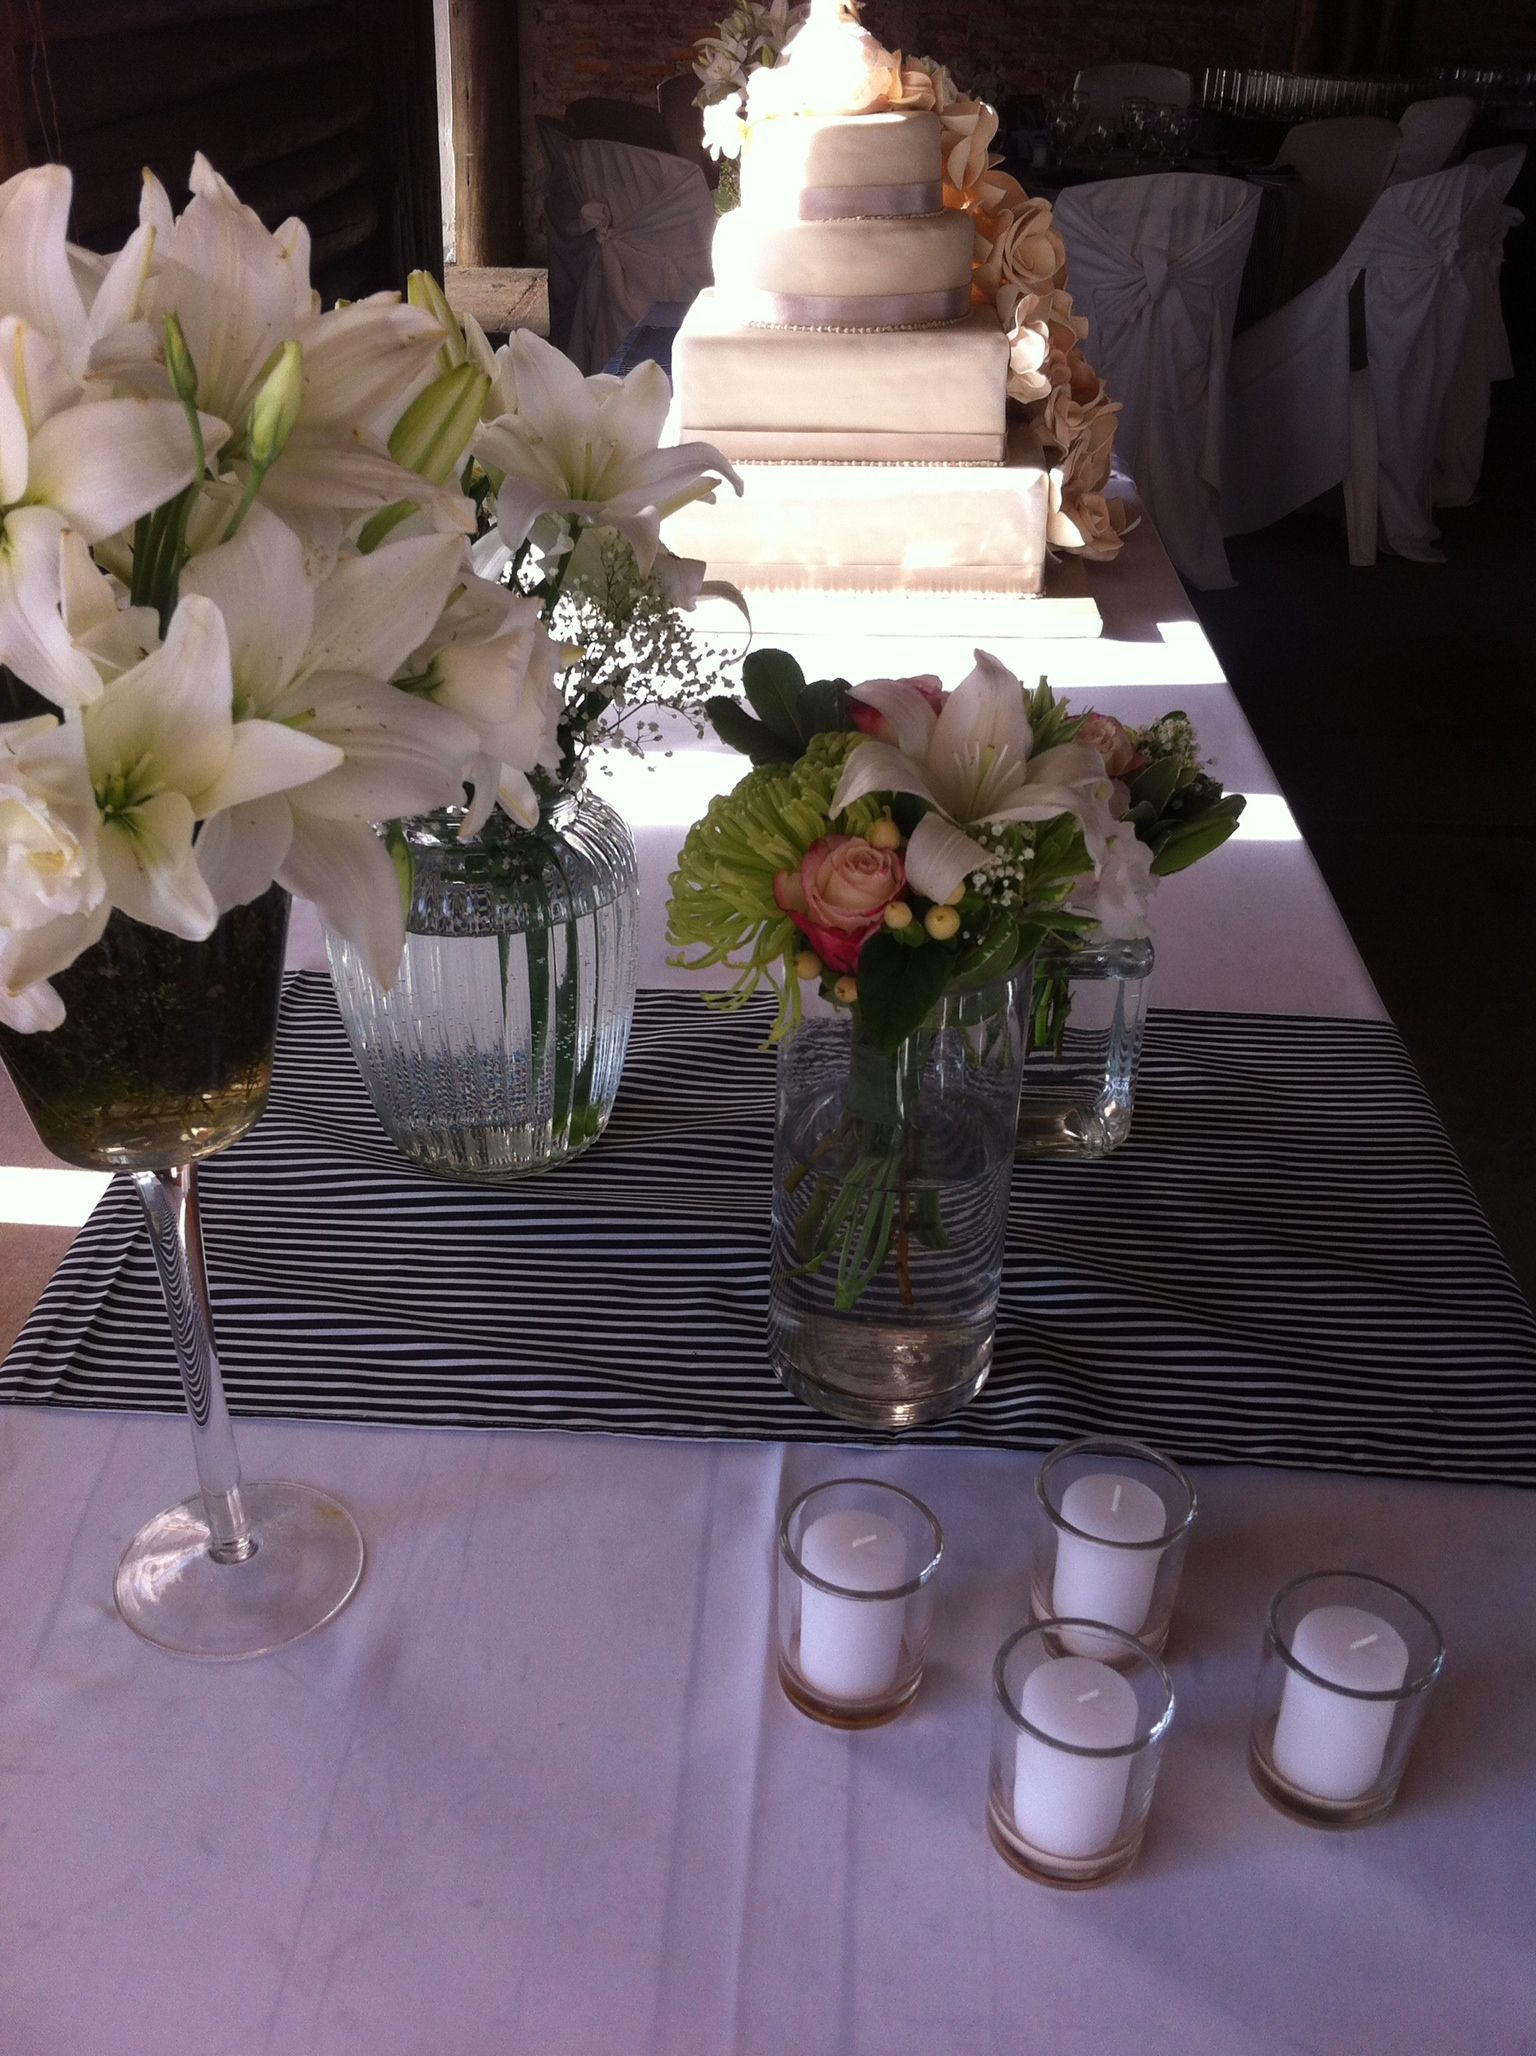 Flores decoración flower decoration. #decoracion #deco party planner wedding planner www.kommaeventos.com.uy